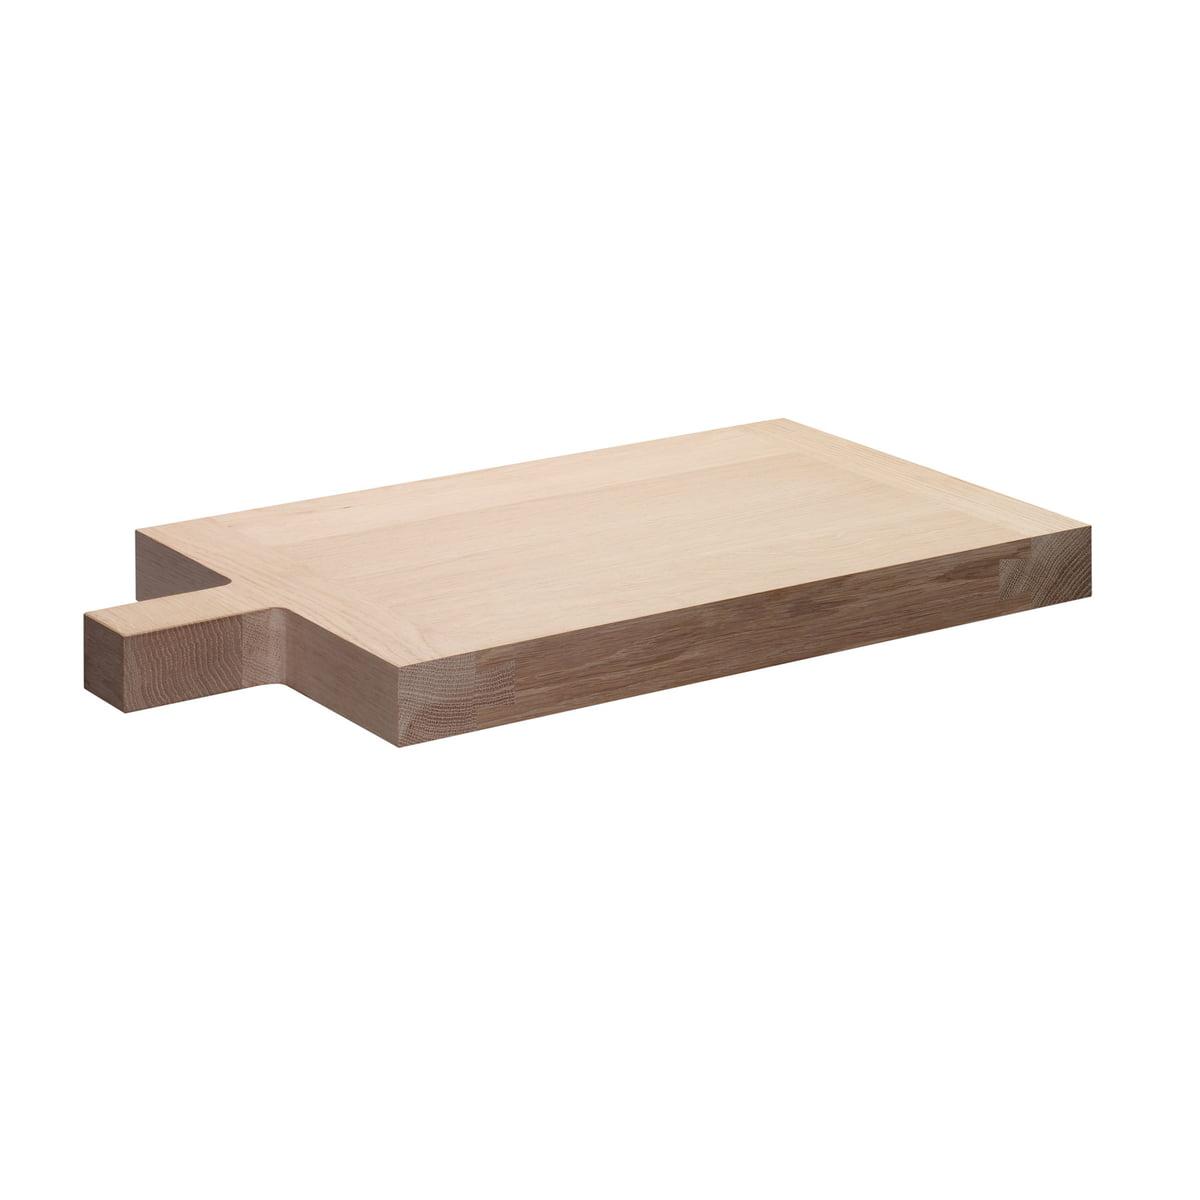 e15 ac06 chop chopping board made of natural oak